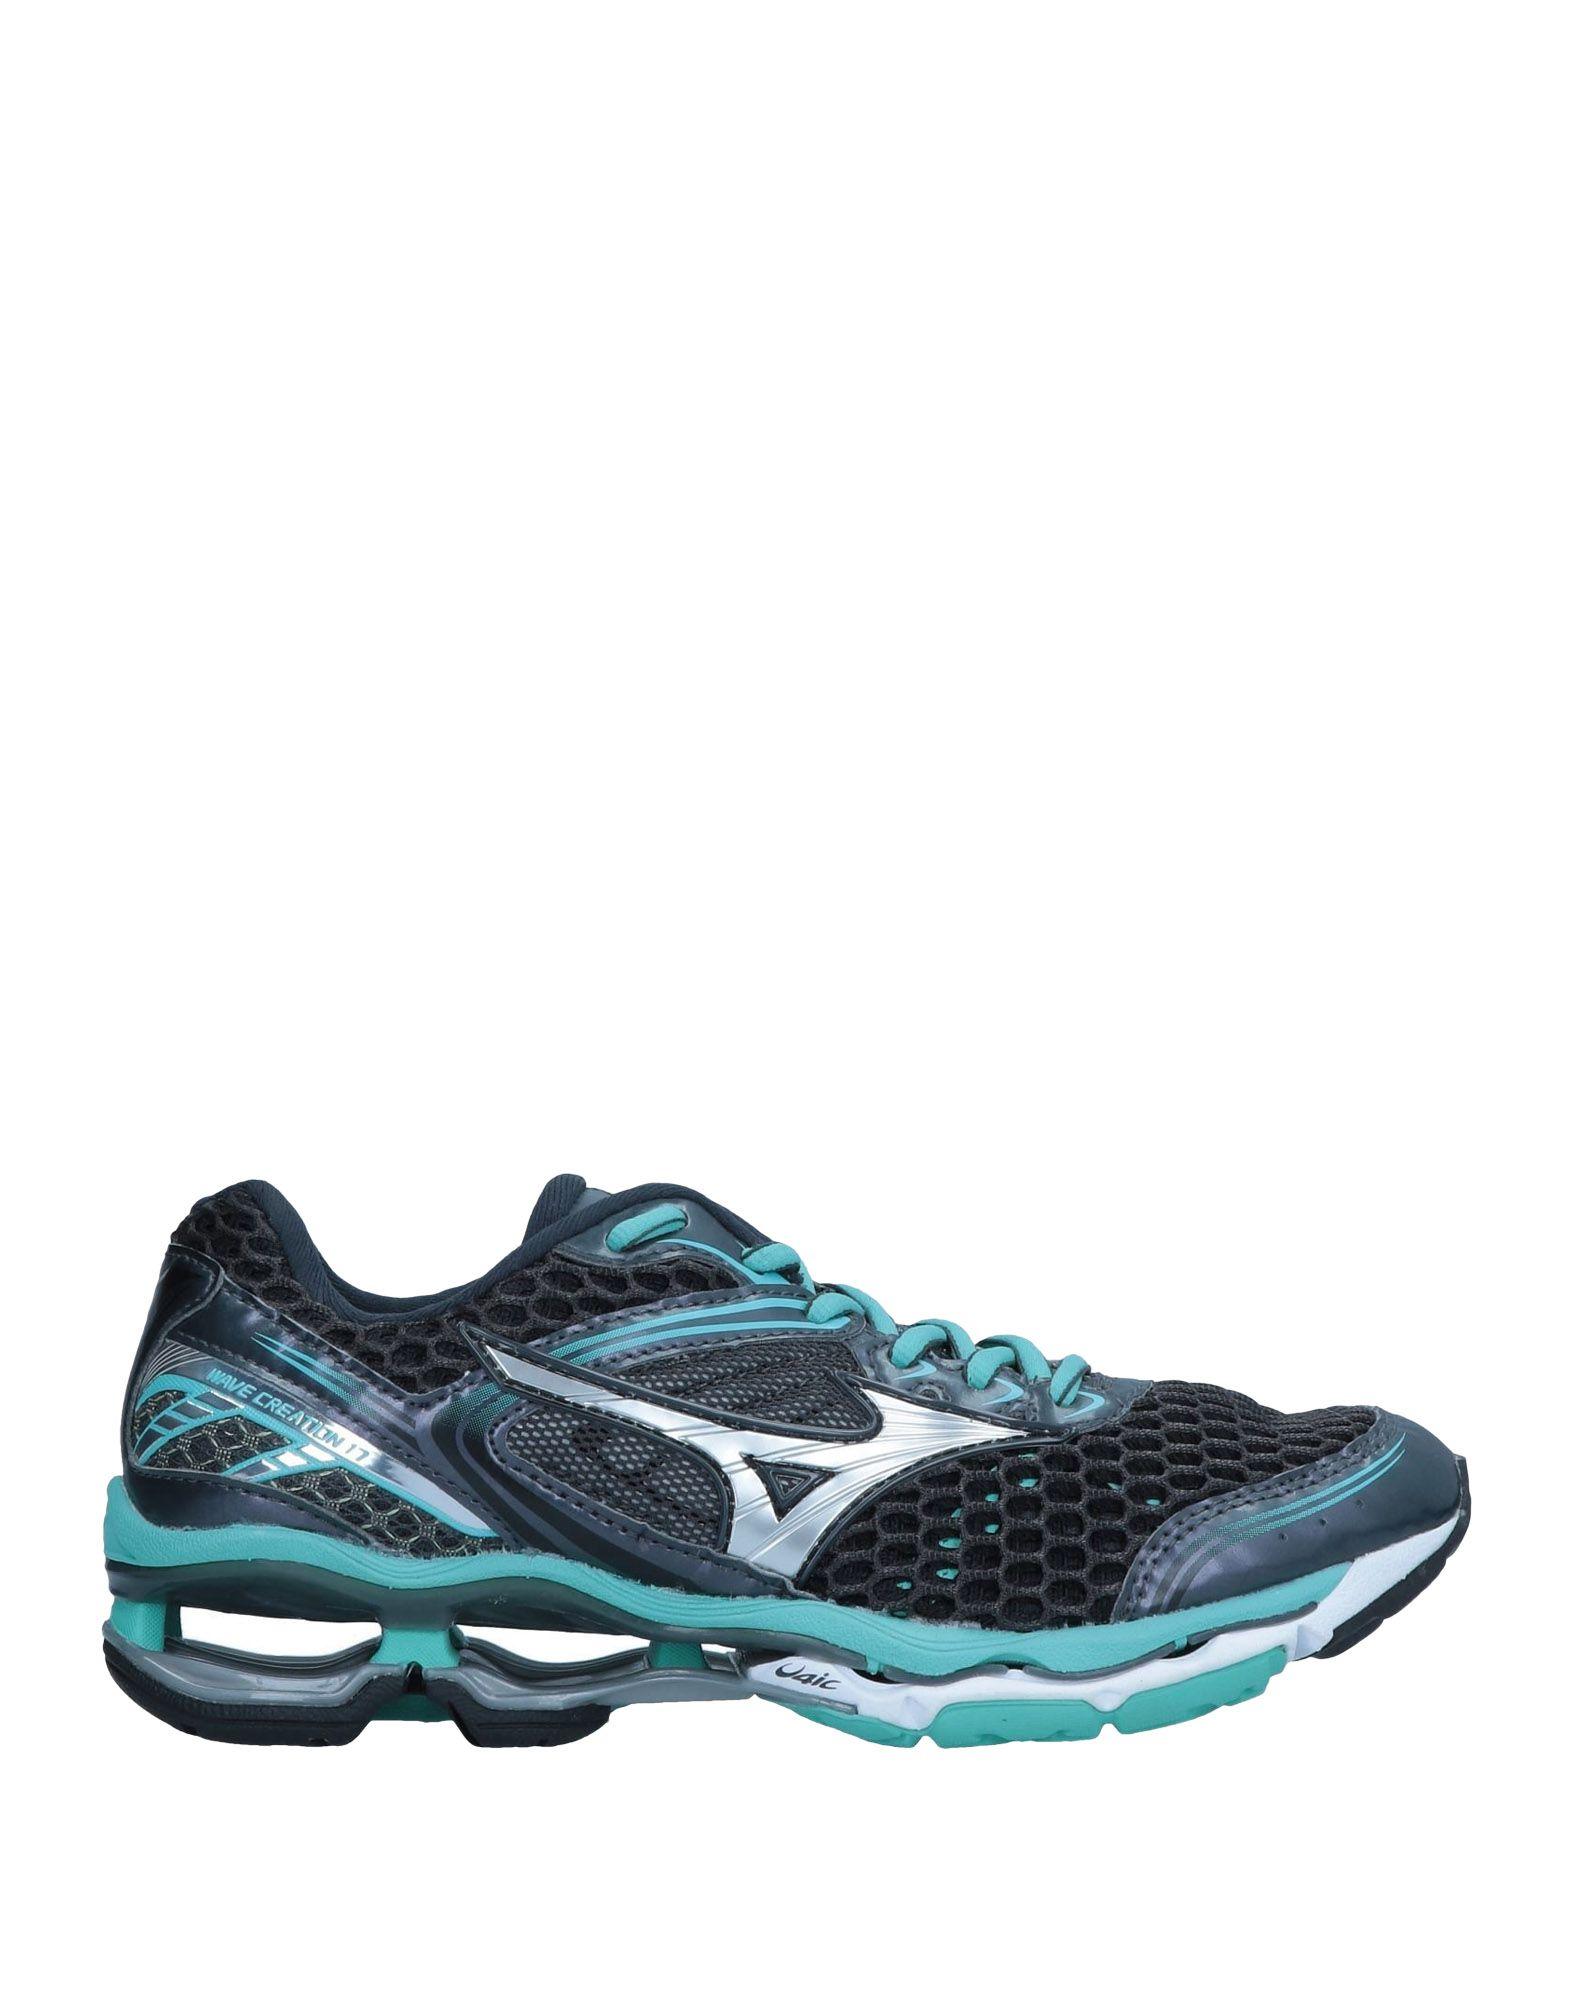 Mizuno Sneakers online - Women Mizuno Sneakers online Sneakers on  Australia - 11546191VV 85896d